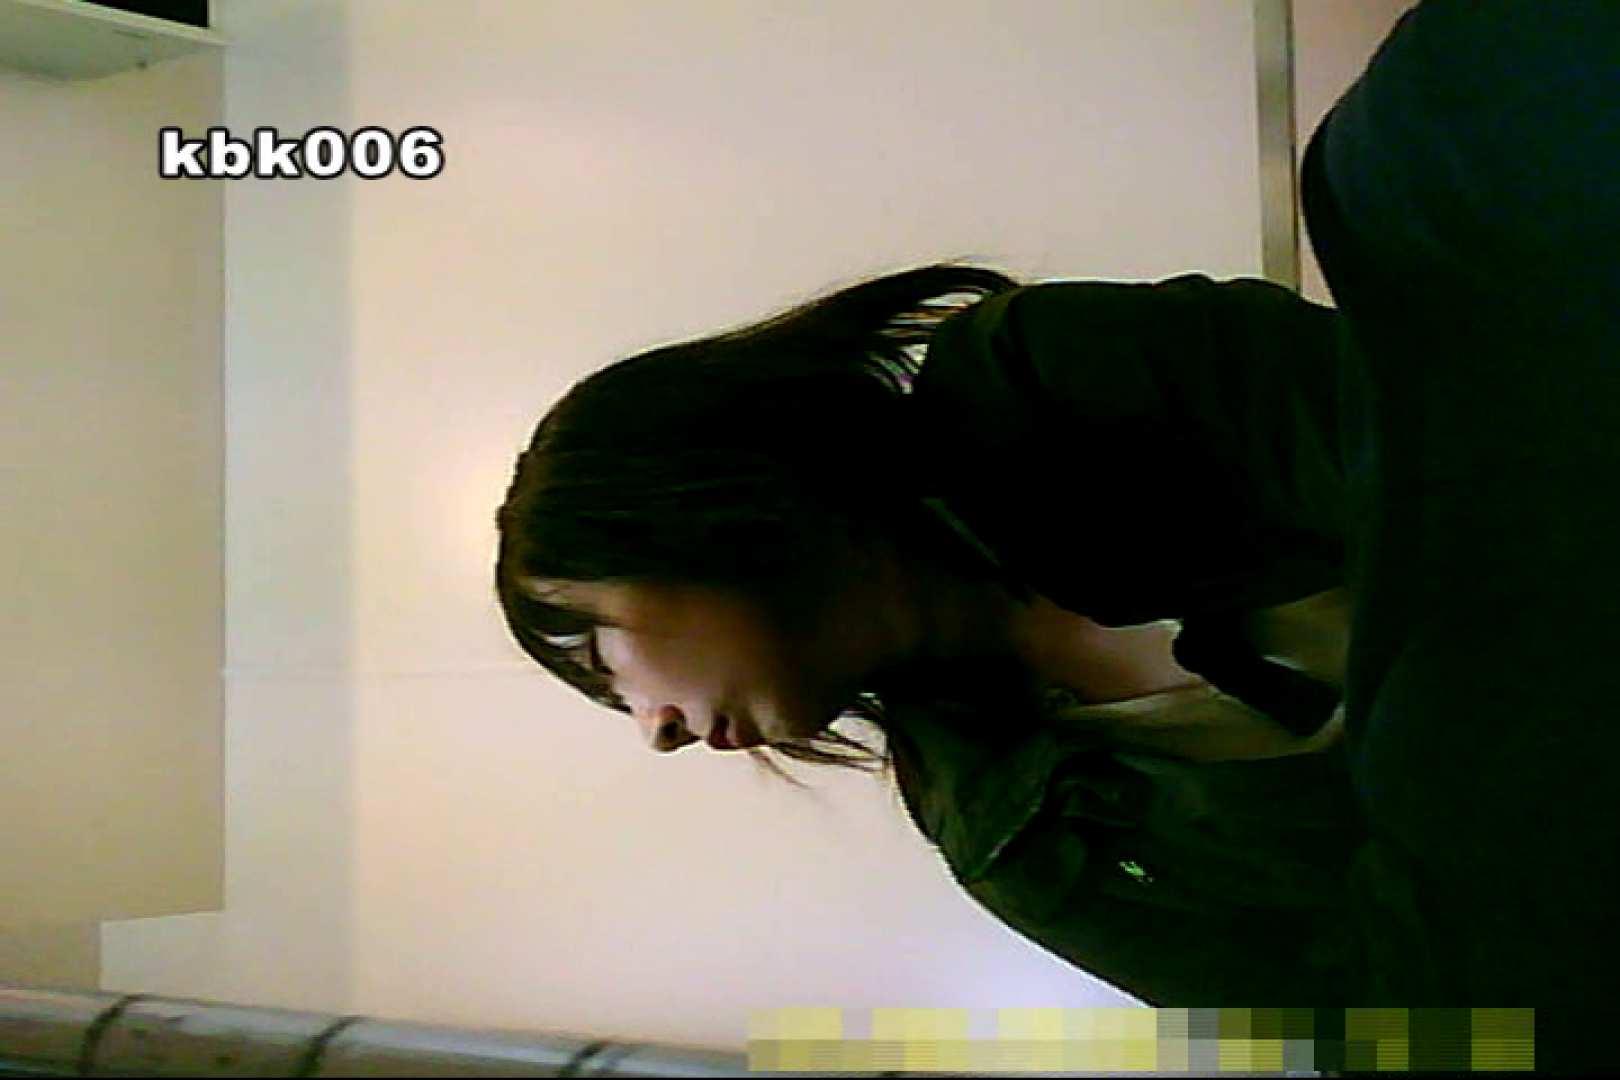 ヤリマンのオマンコ:大切なことなので違う角度から2度眺めてみた vol.006:怪盗ジョーカー